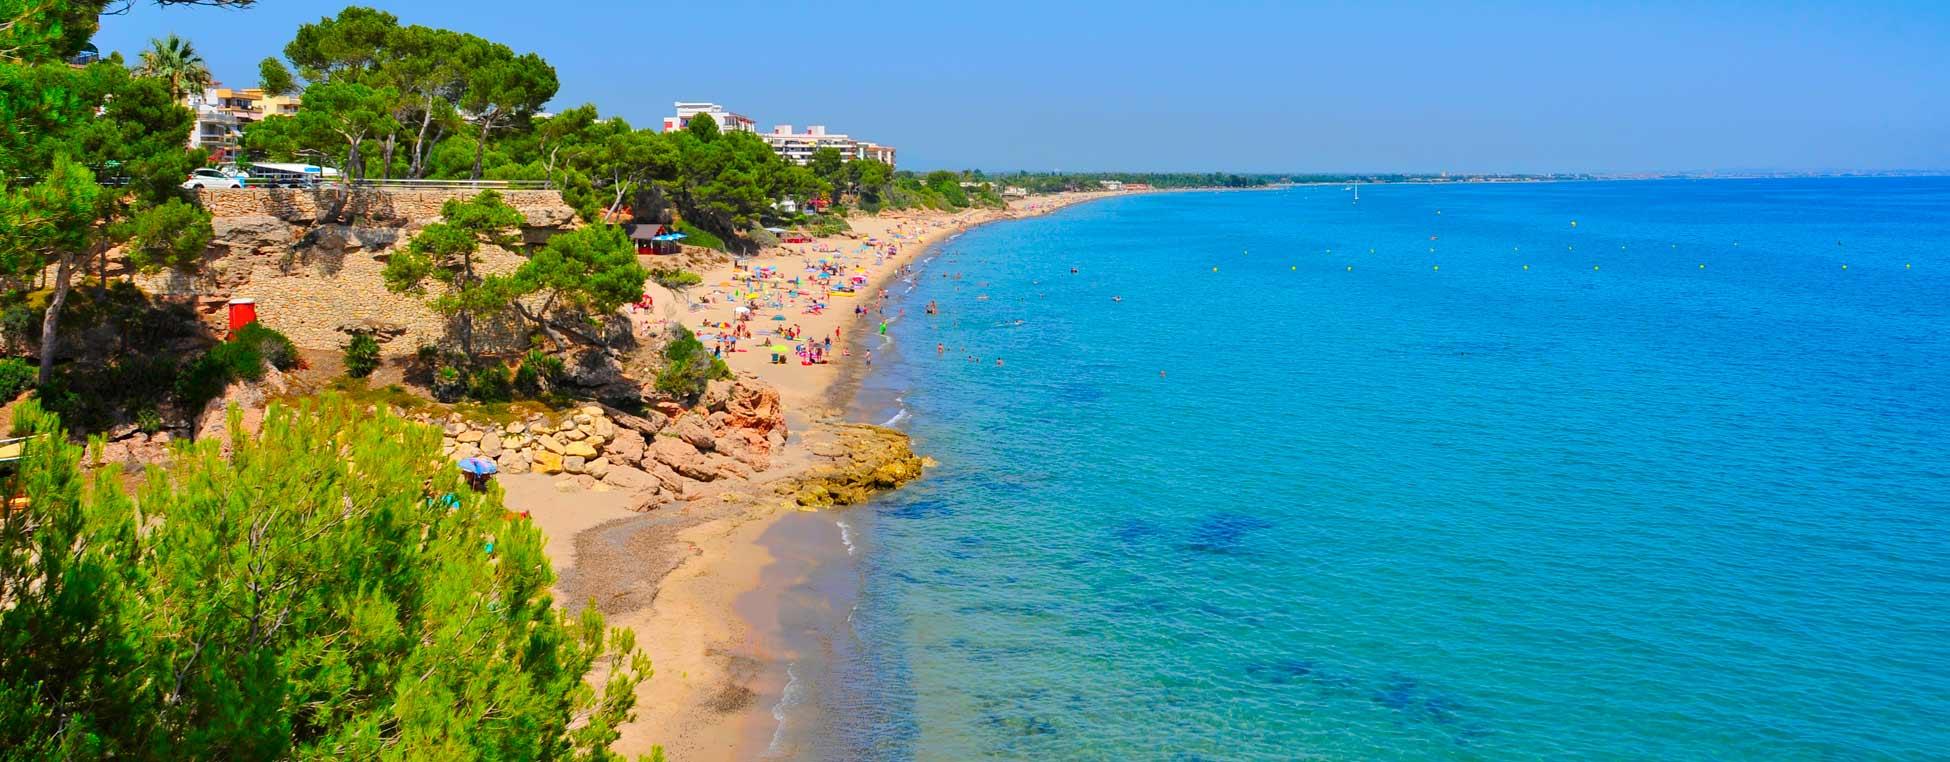 Litoral alquiler de apartamentos en la costa dorada - Apartamentos baratos playa vacaciones ...